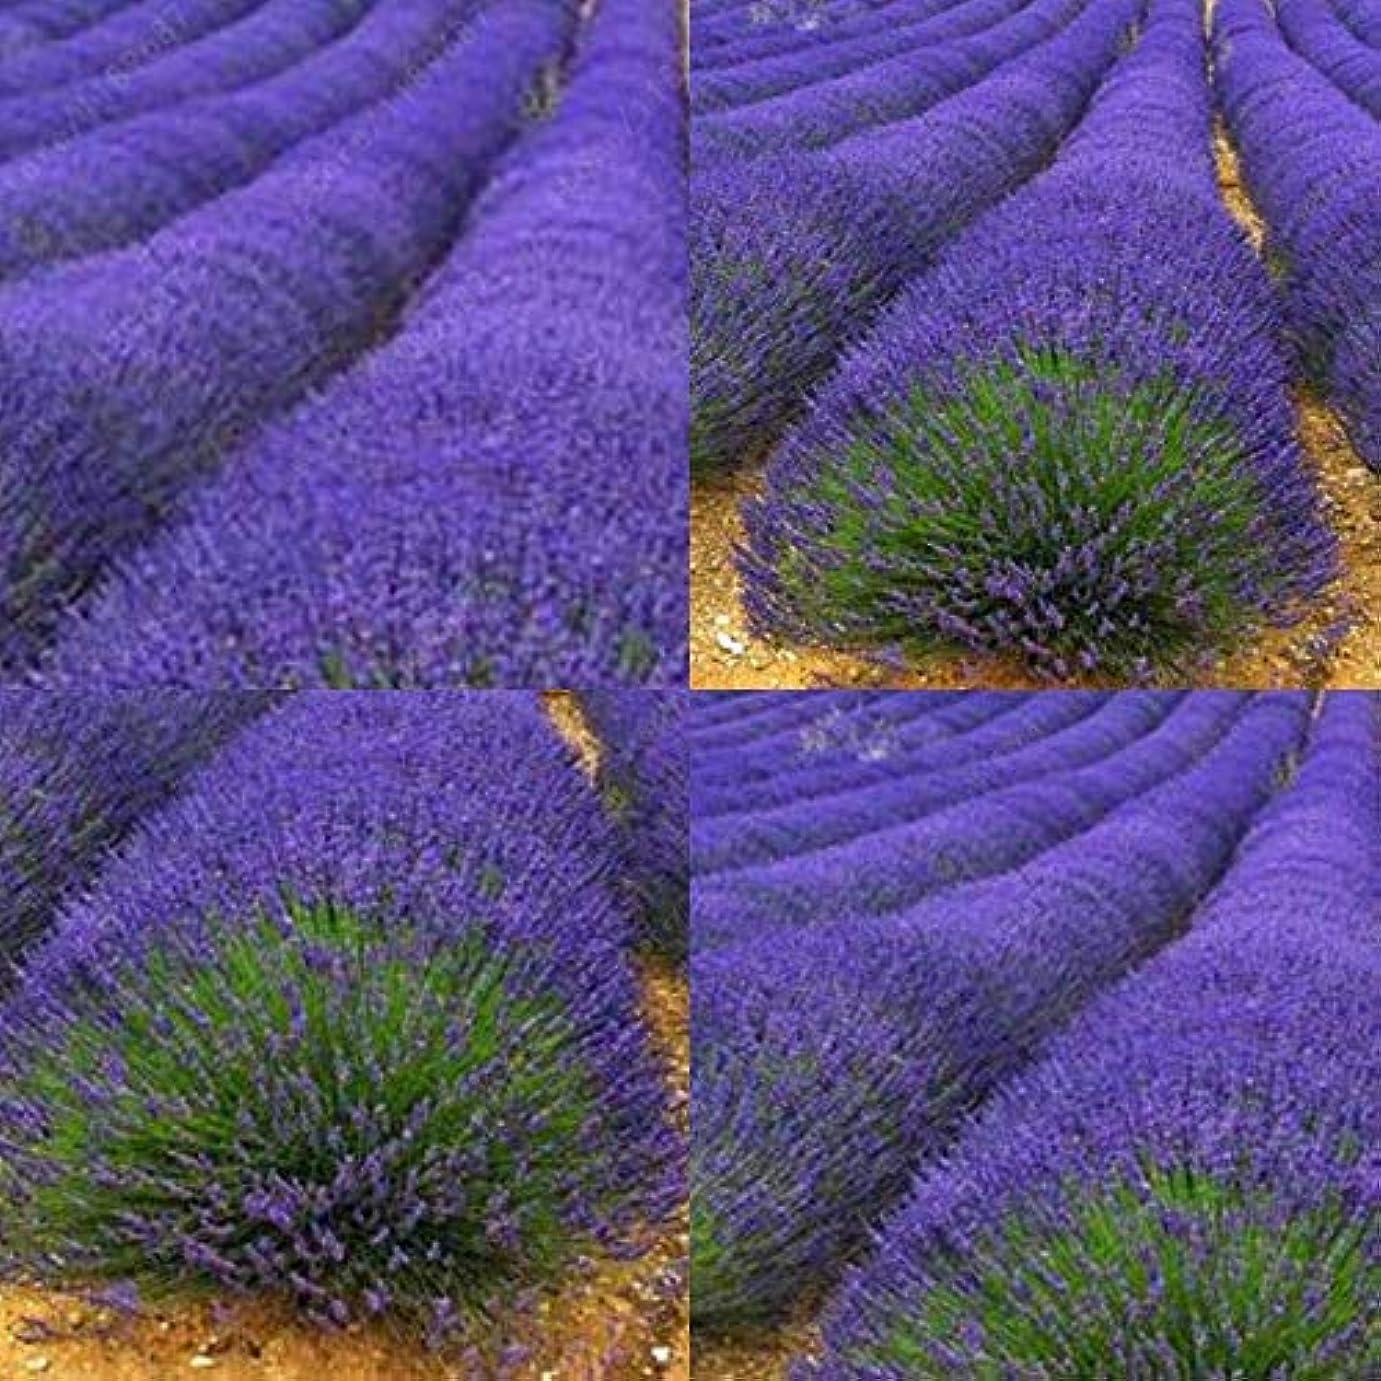 のため寝具静けさPortal Cool Type2 200Pcs: New Garden Aromatic Spices Variety Herb Seeds Plant Vegetable Lavender Herb